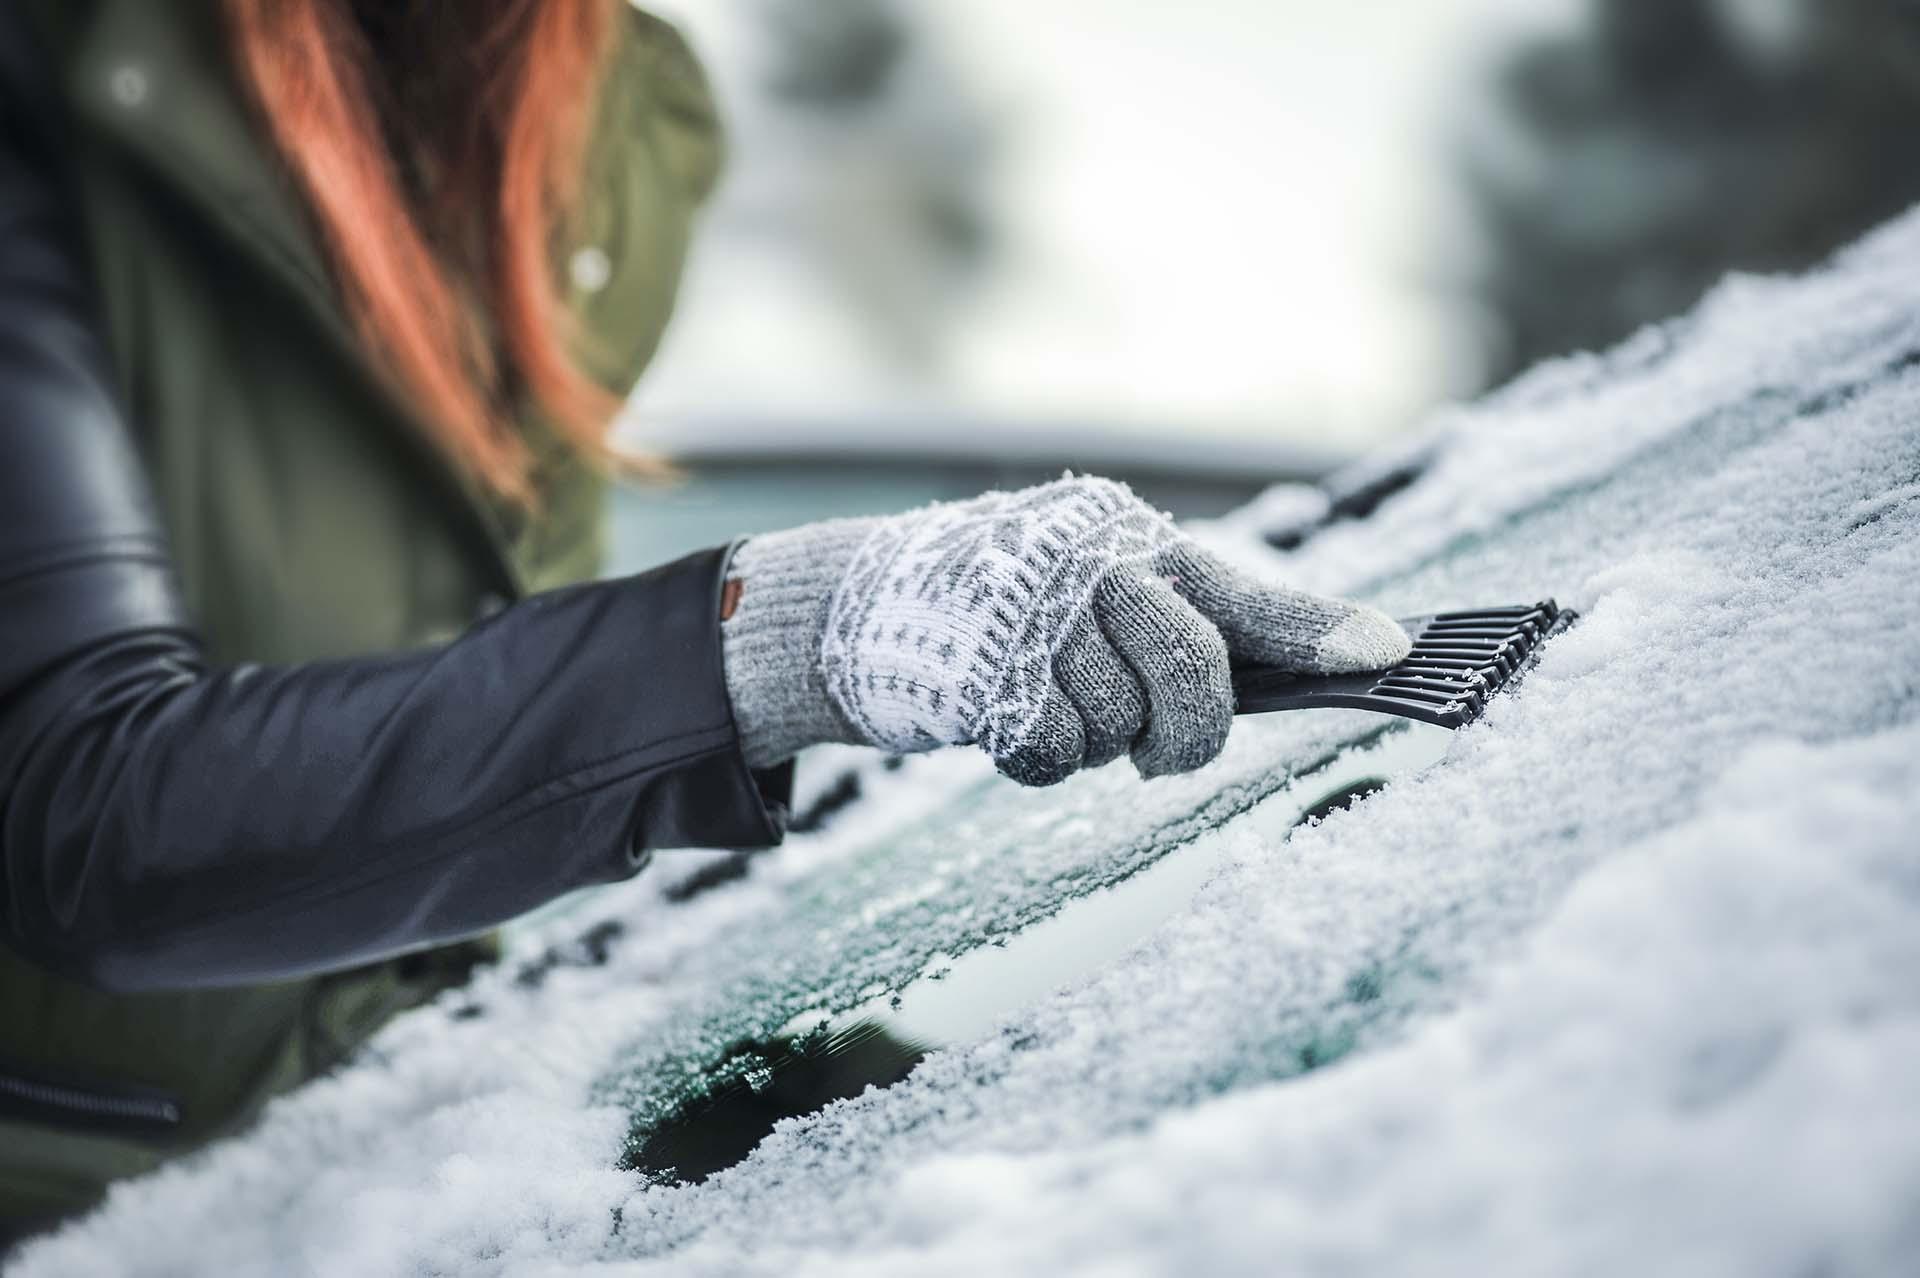 Stationner à l'extérieur en hiver : précautions à prendre